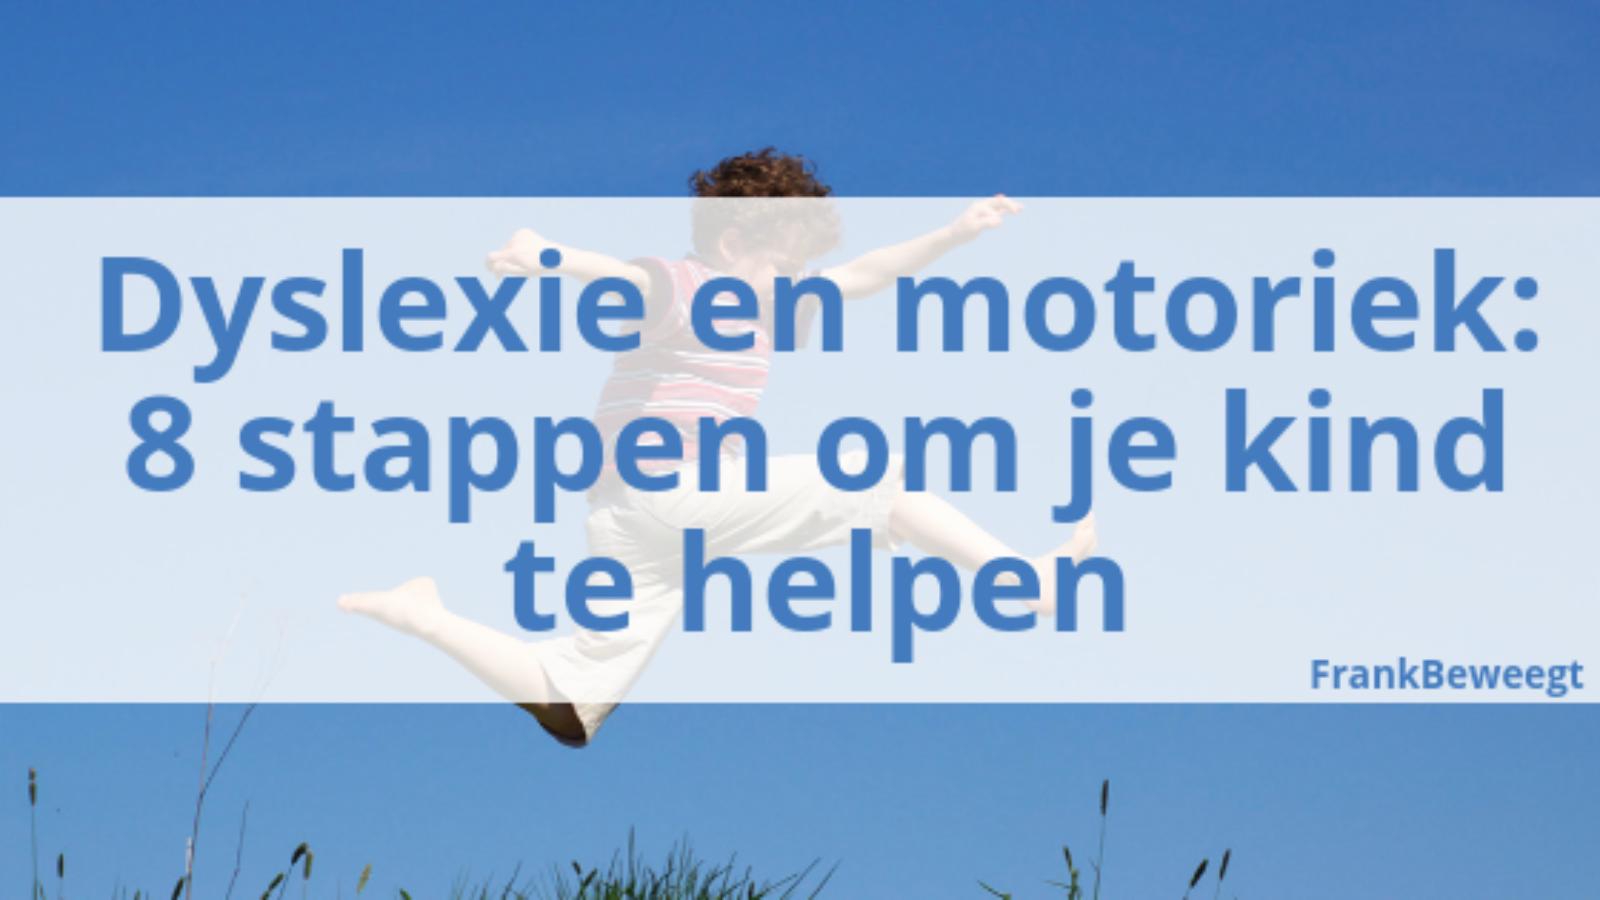 Dyslexie en motoriek 8 stappen om je kind te helpen